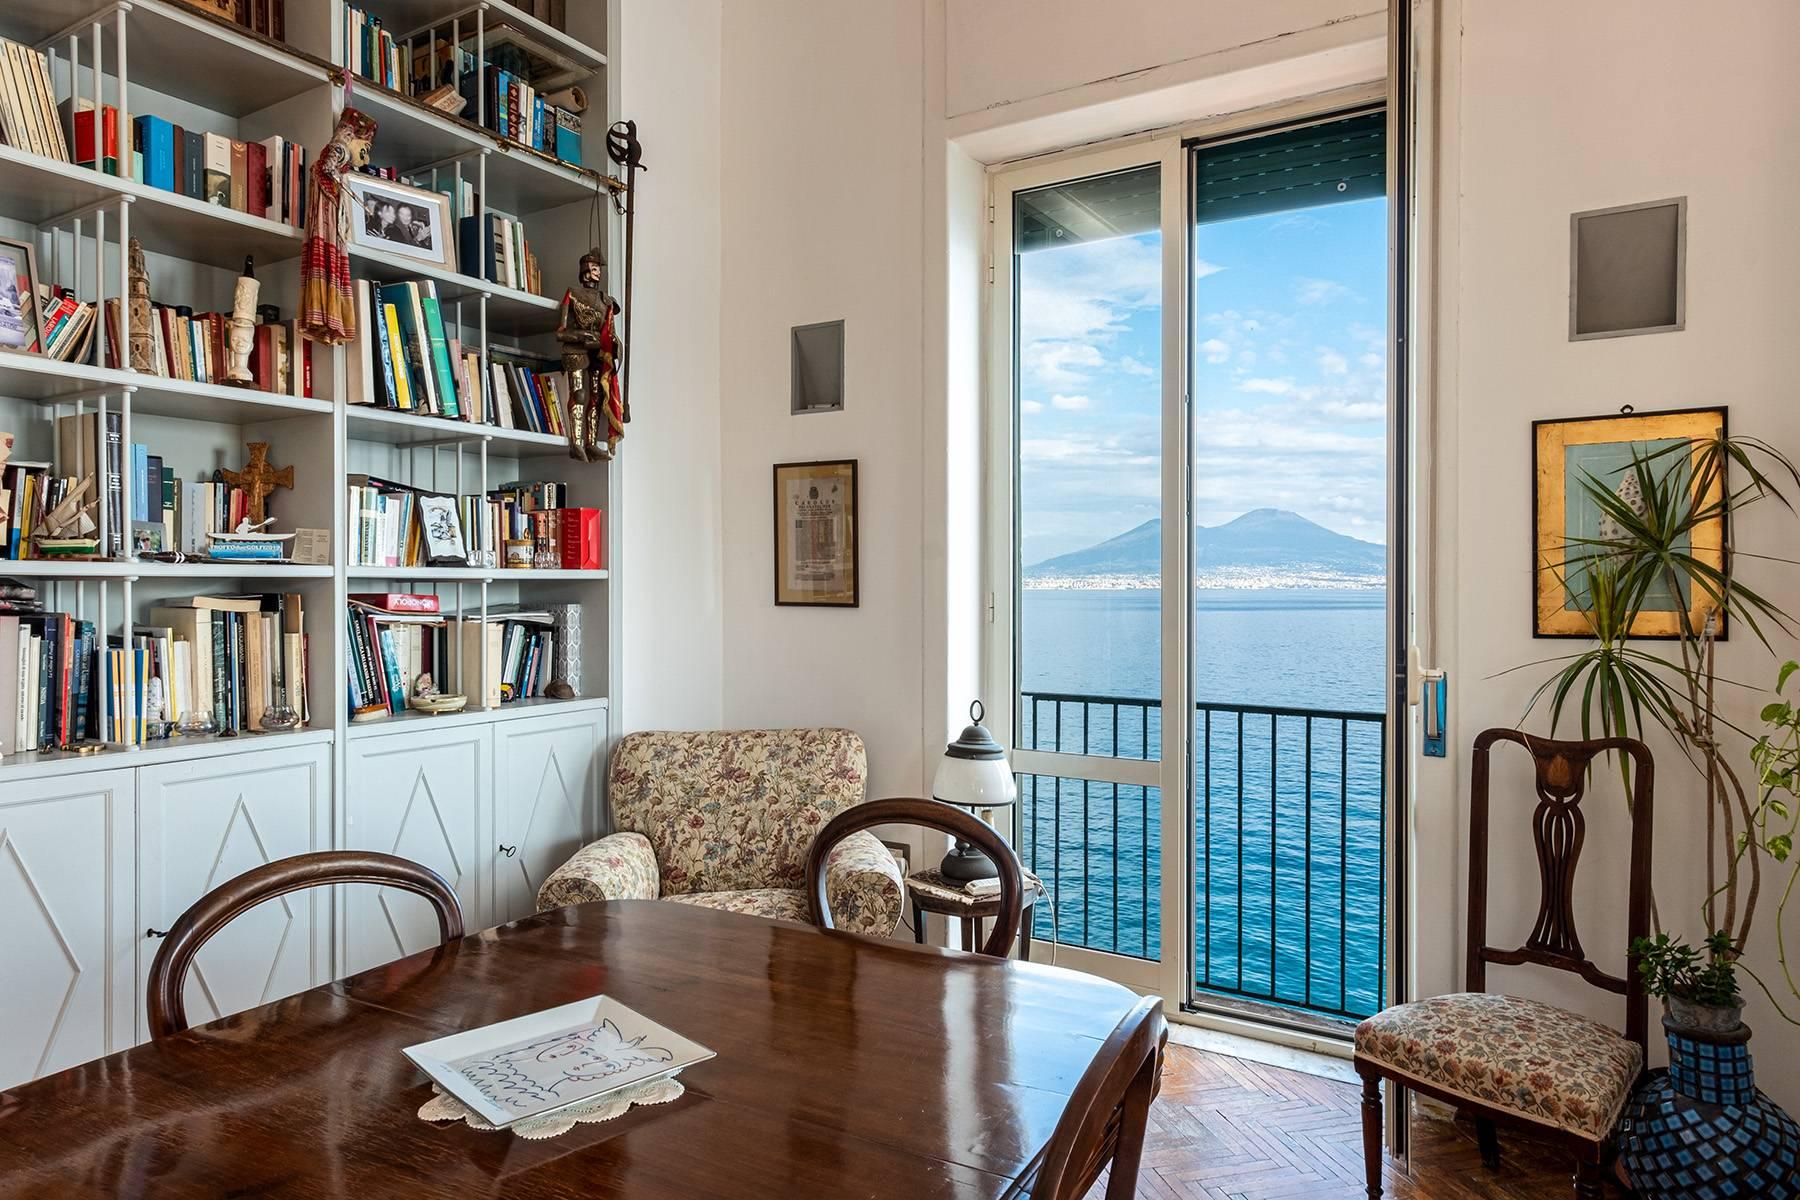 Attico in Vendita a Napoli: 5 locali, 650 mq - Foto 21